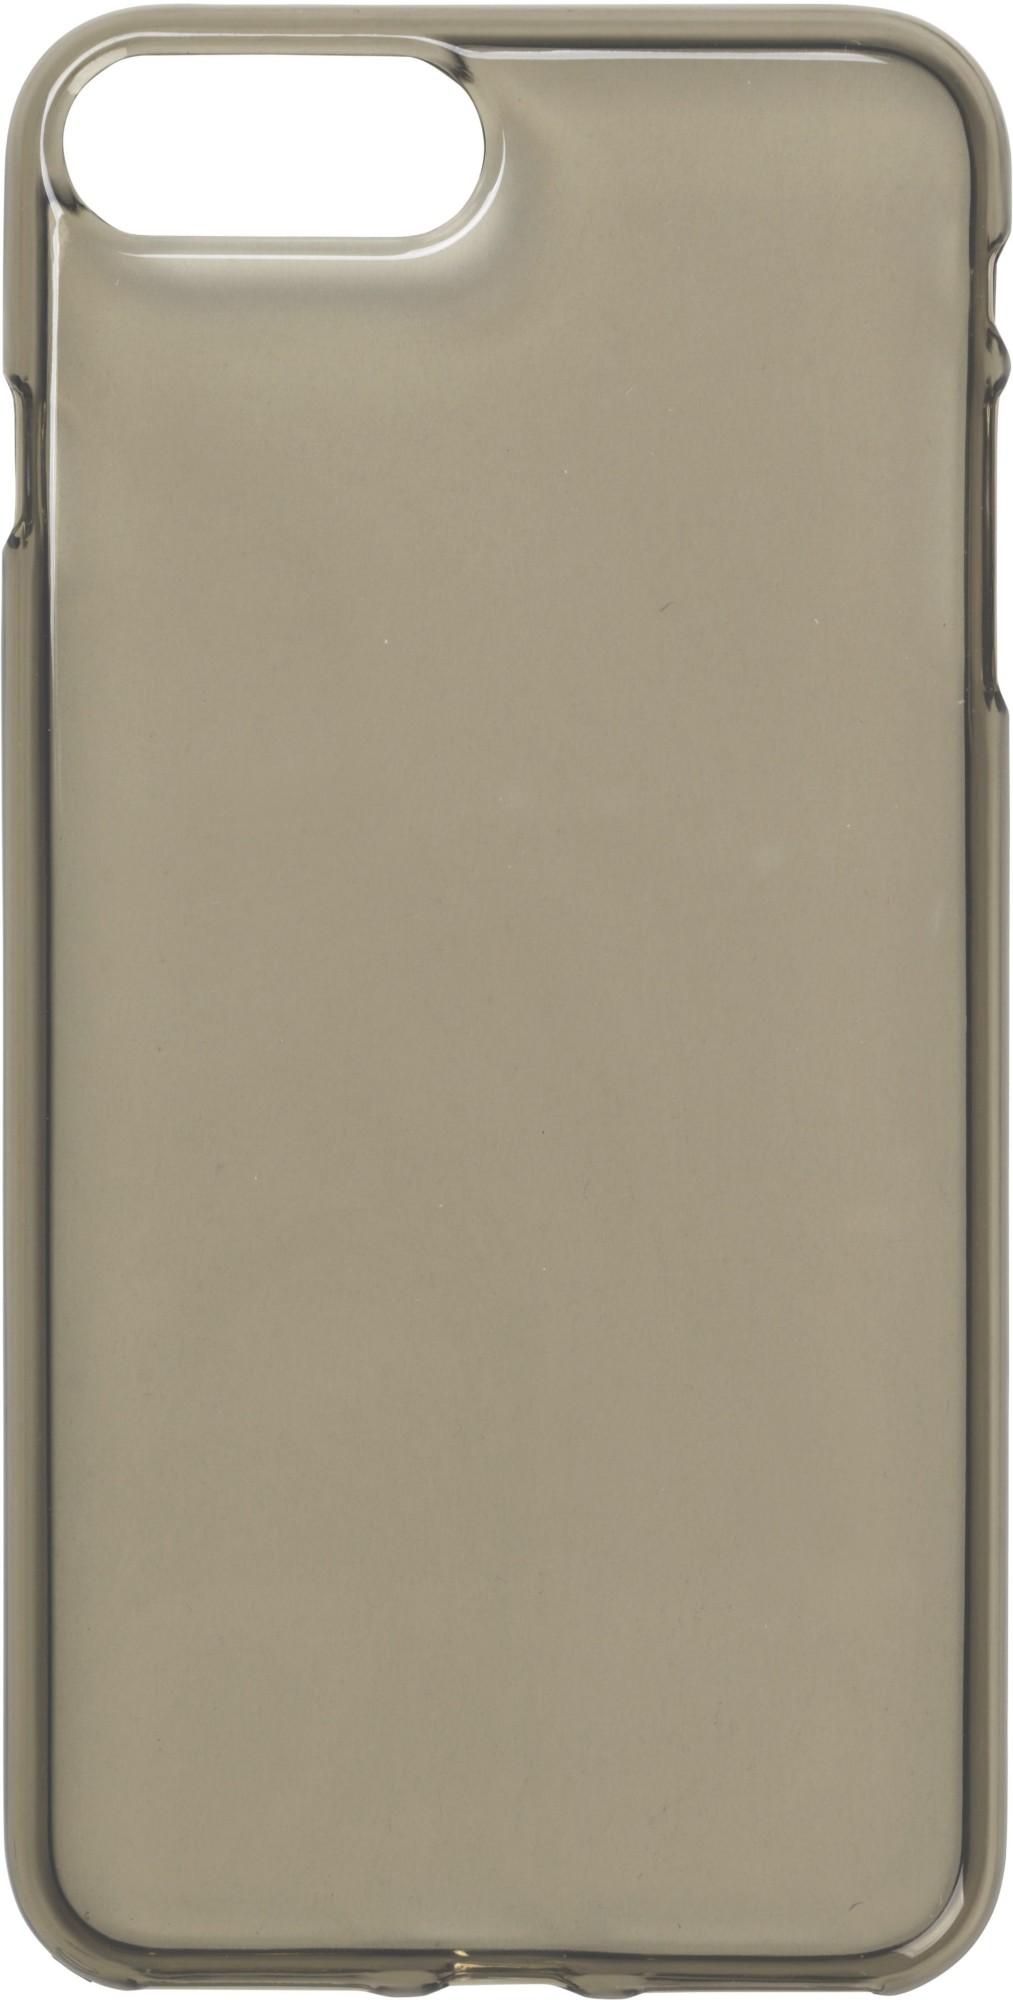 eSTUFF ES671081 mobile phone case Cover Black, Transparent